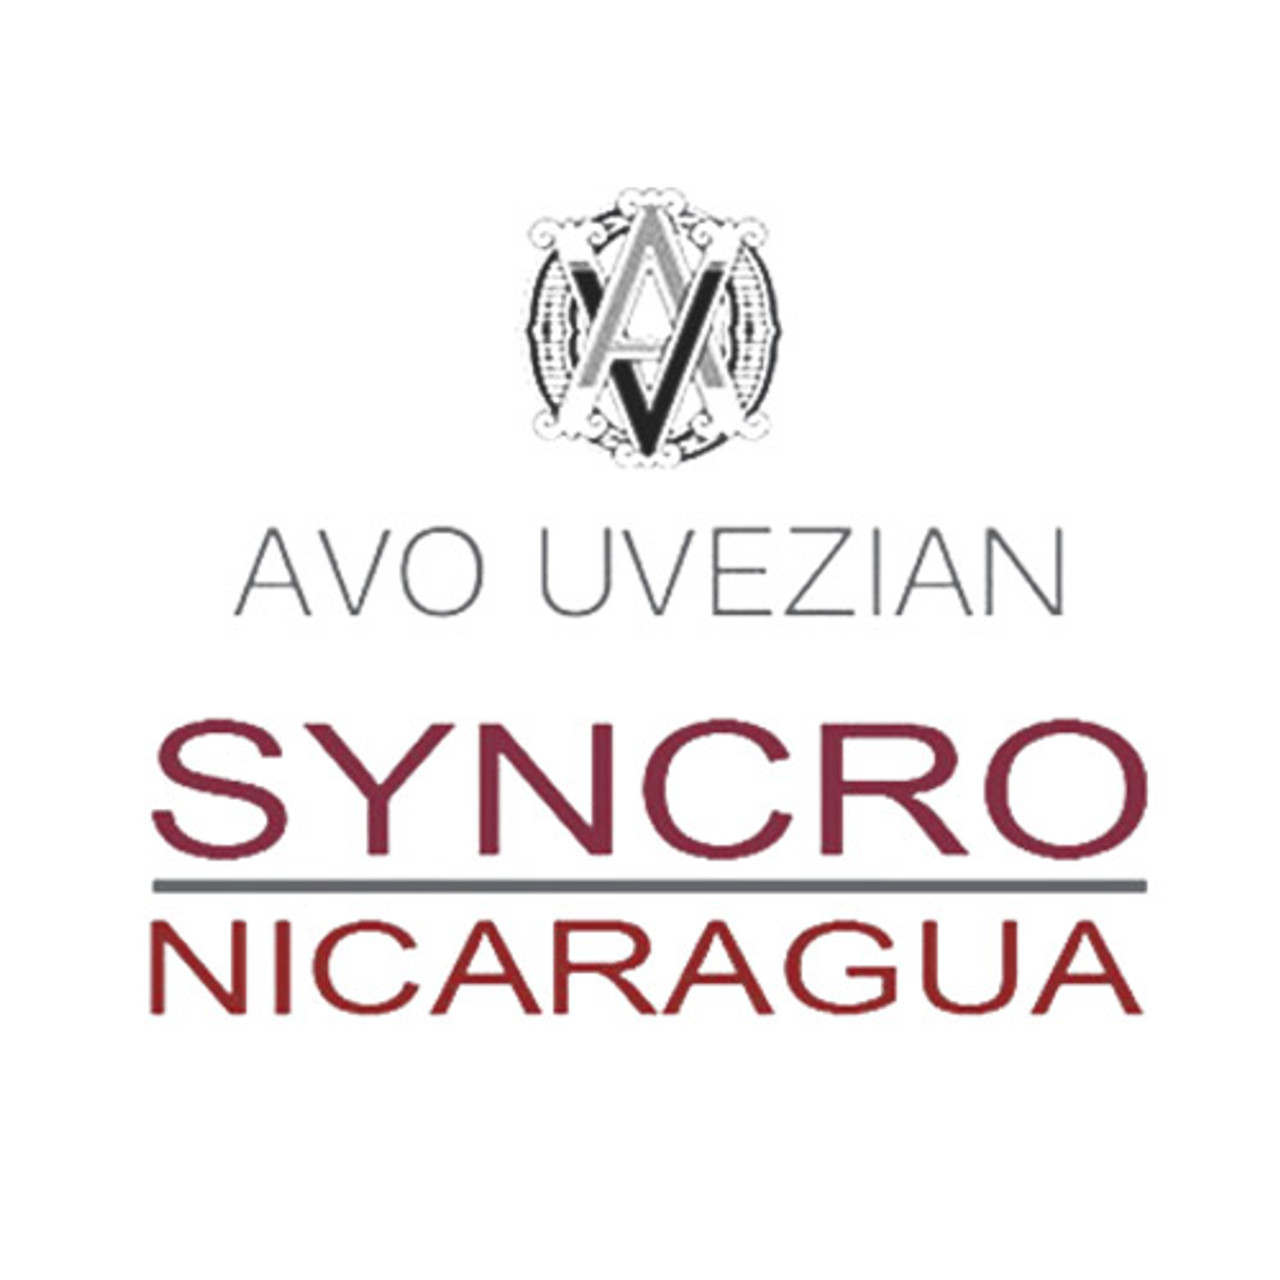 AVO Syncro Nicaragua Robusto Cigars - 5 x 50 (Box of 20)